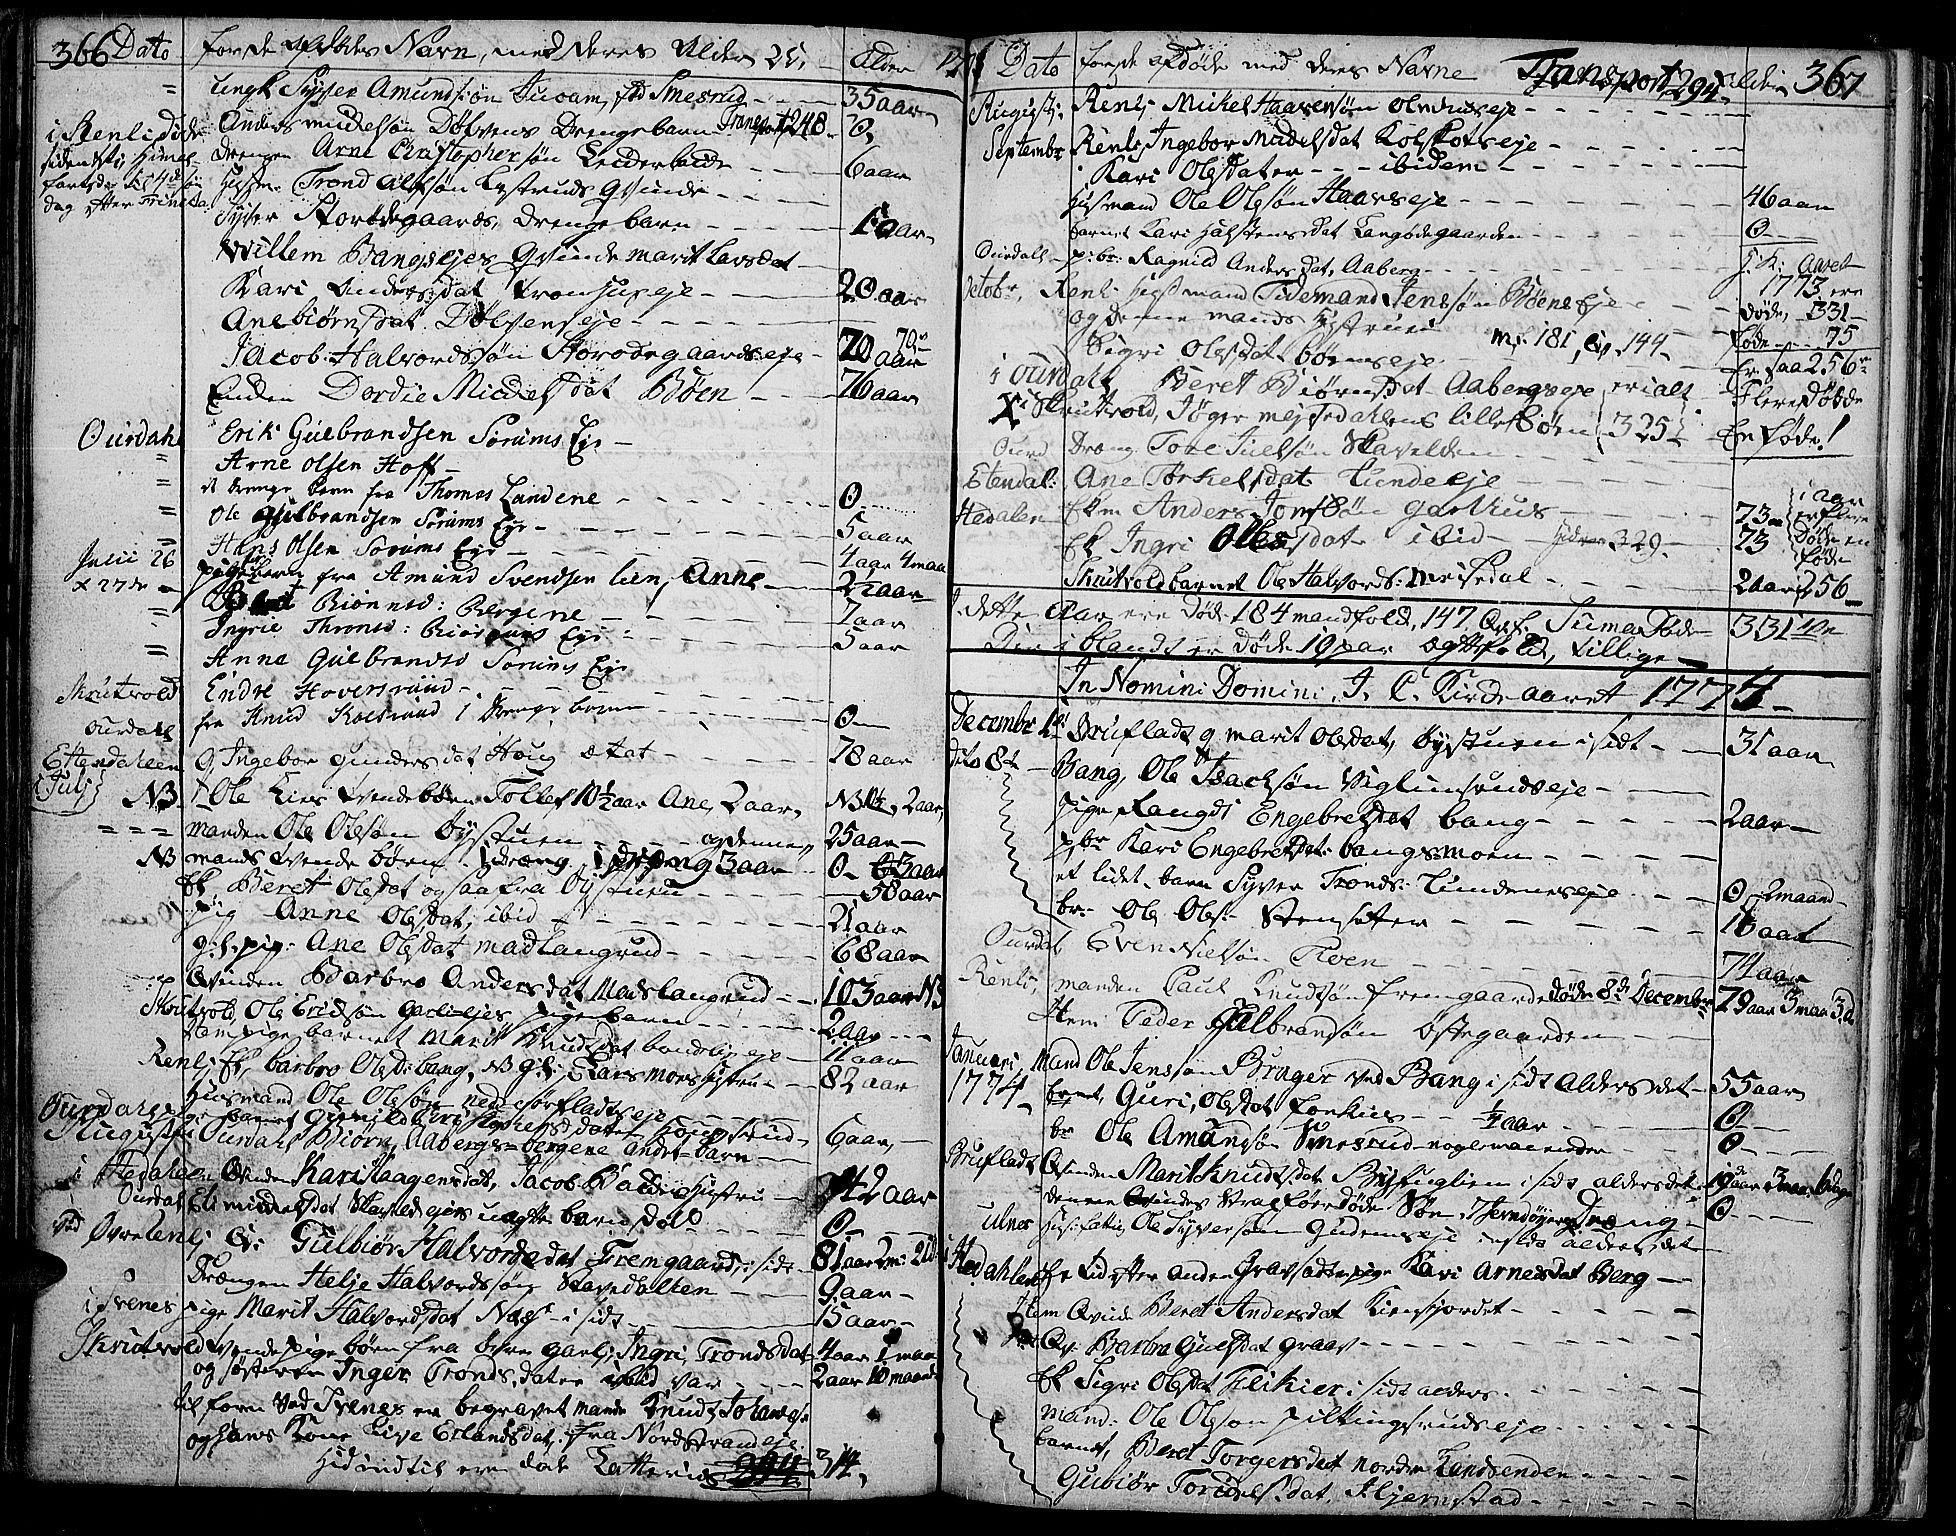 SAH, Aurdal prestekontor, Parish register (official) no. 5, 1763-1781, p. 366-367